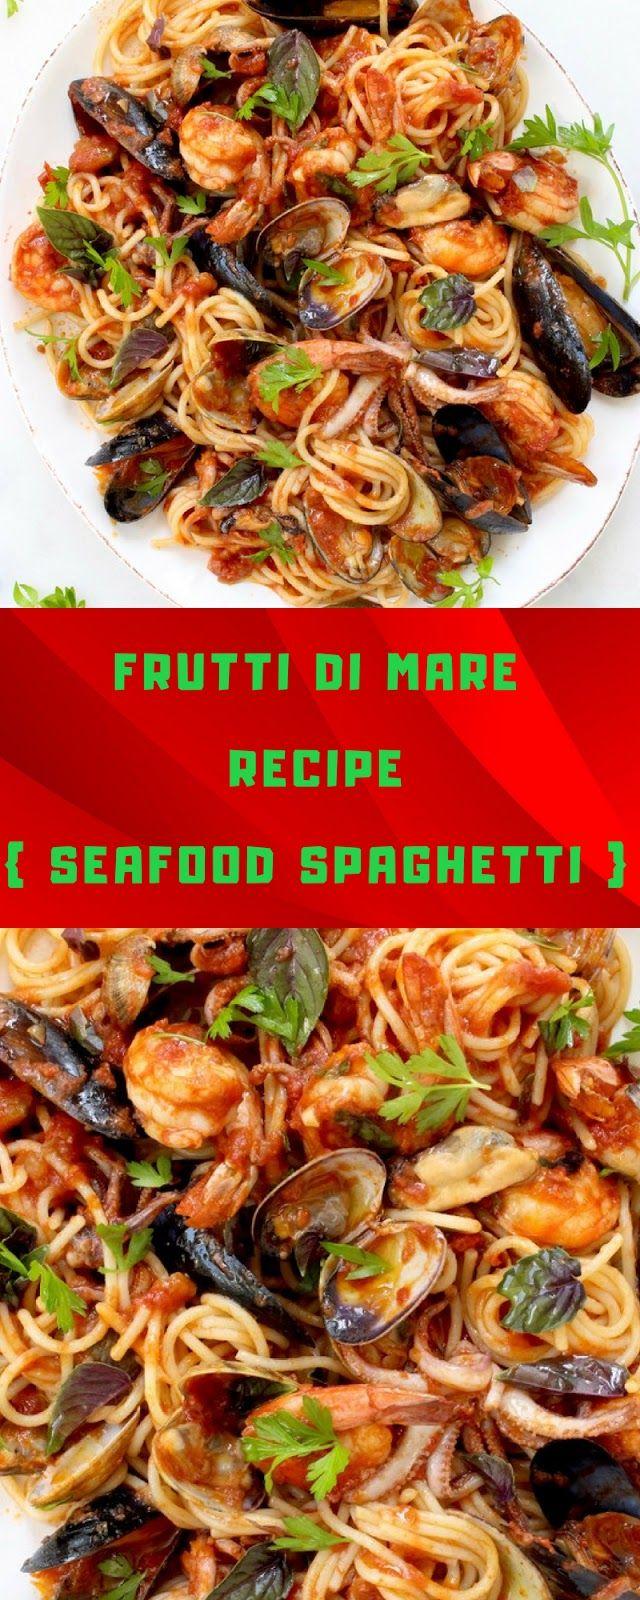 Frutti Di Mare Recipe Seafood Spaghetti Seafoodrecipe Spaghetti Seafoodspaghetti Easyrecipe Frutti Di Mare Recipe Recipes Seafood Recipes